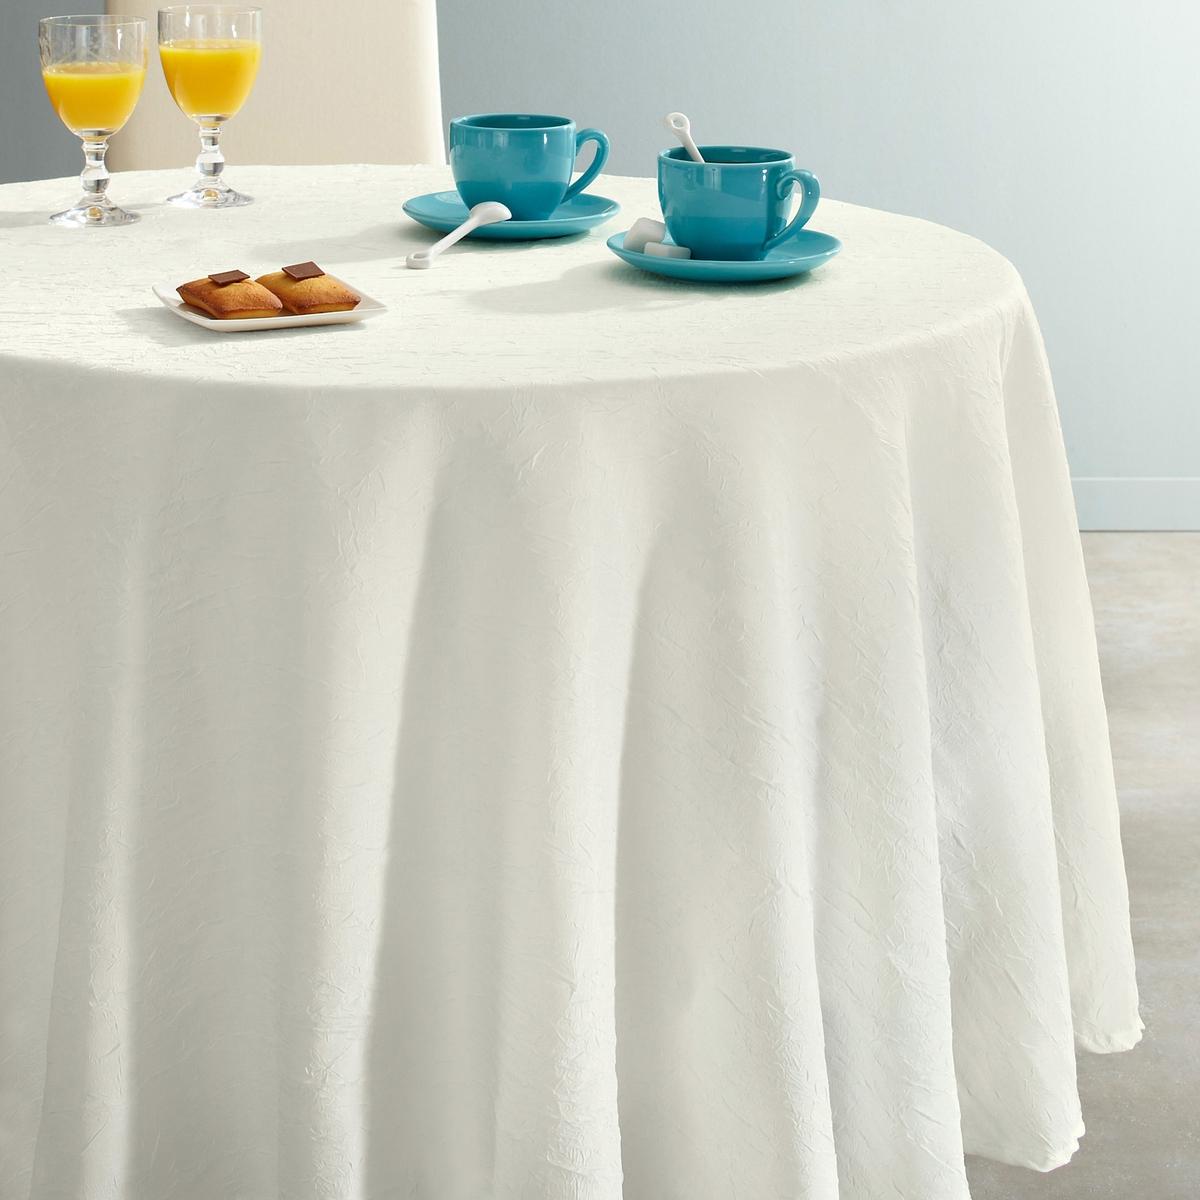 Скатерть круглая CERYAS из полиэстера, с эффектом жатой ткани.Круглая скатерть CERYAS из полиэстера, с эффектом жатой ткани. Скатерть украсит Ваш стол, она проста в уходе: полиэстер с эффектом жатой ткани высыхает за 5 минут и не требует глажки! Характеристики:Материал: 100% полиэстераУход: машинная стирка при 40°С.Отделка: подрубленный край с прострочкой.Высыхает за 5 минут. Не гладить.Размеры:- Диаметр 180 см.Существуют и другие размеры на сайте la Redoute.ru.<br><br>Цвет: серо-коричневый каштан,экрю<br>Размер: 180  см.180  см